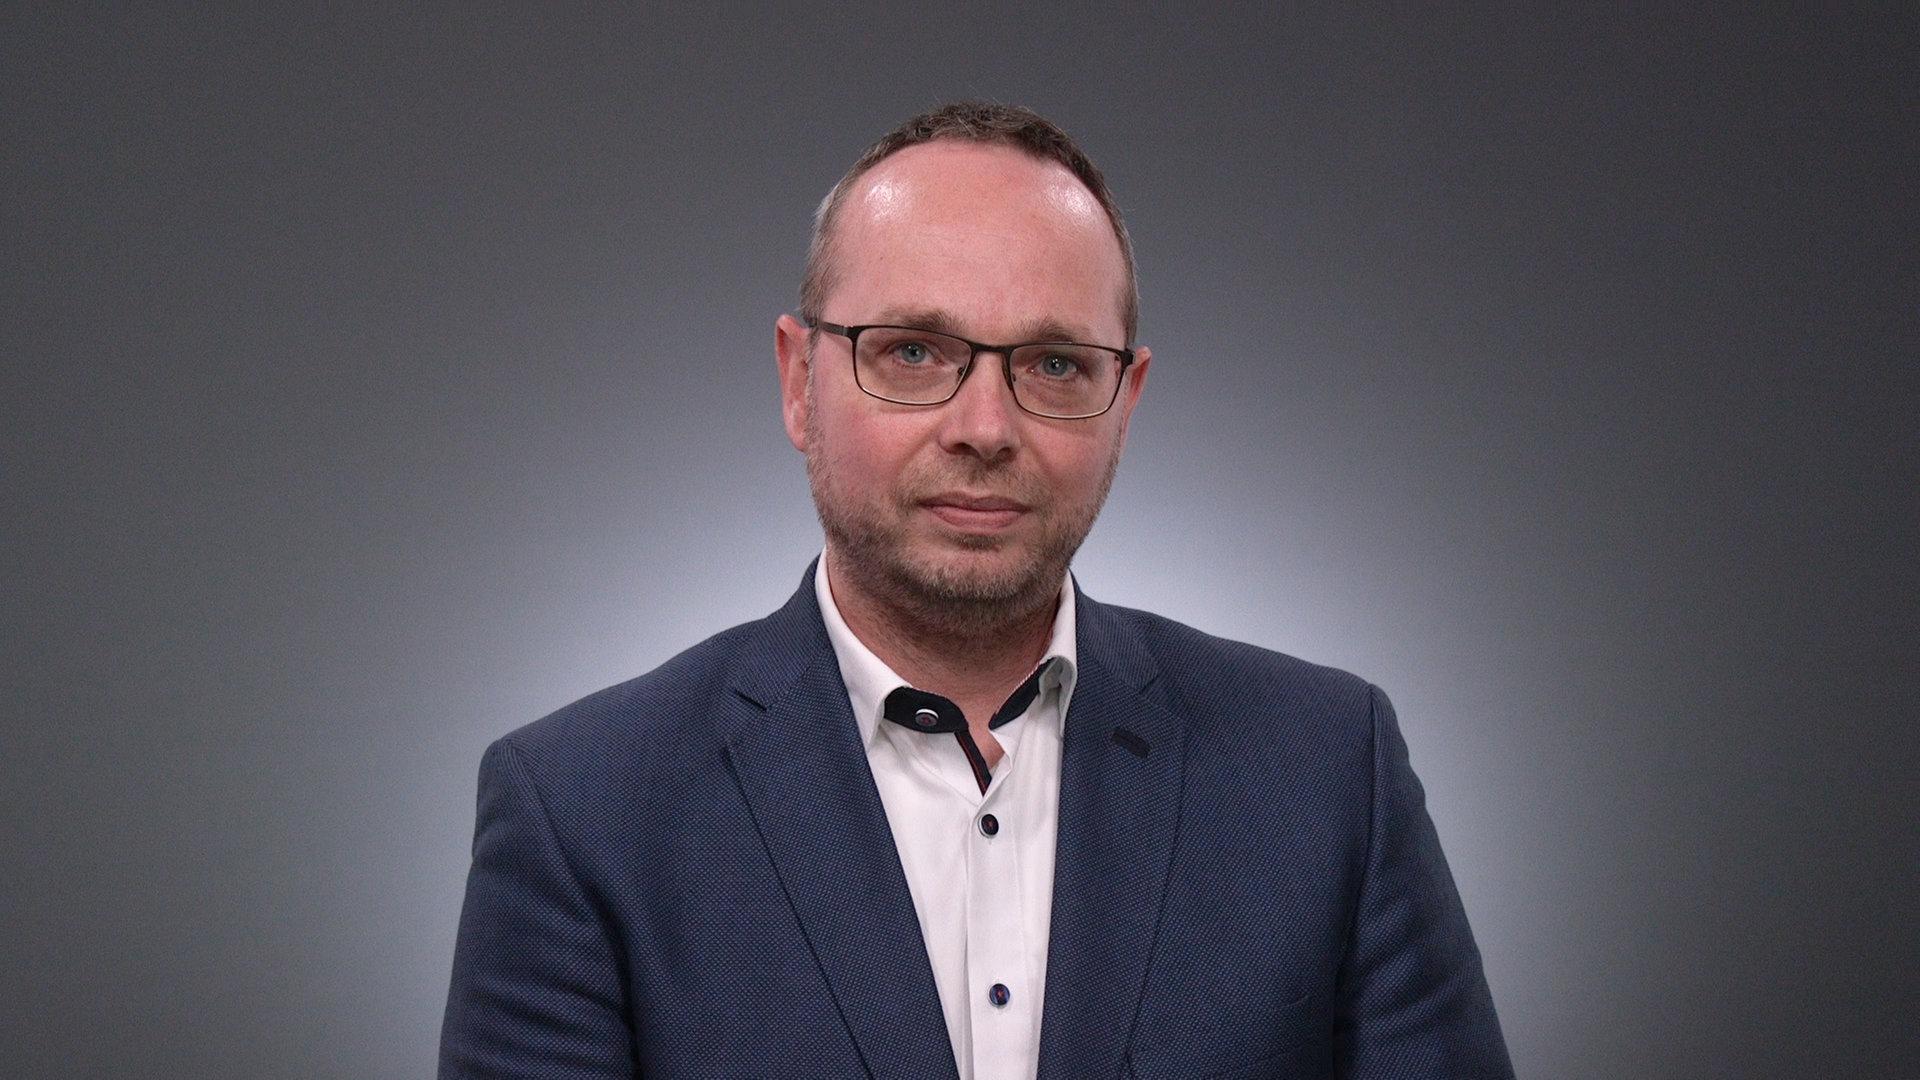 Sören Schumacher, SPD